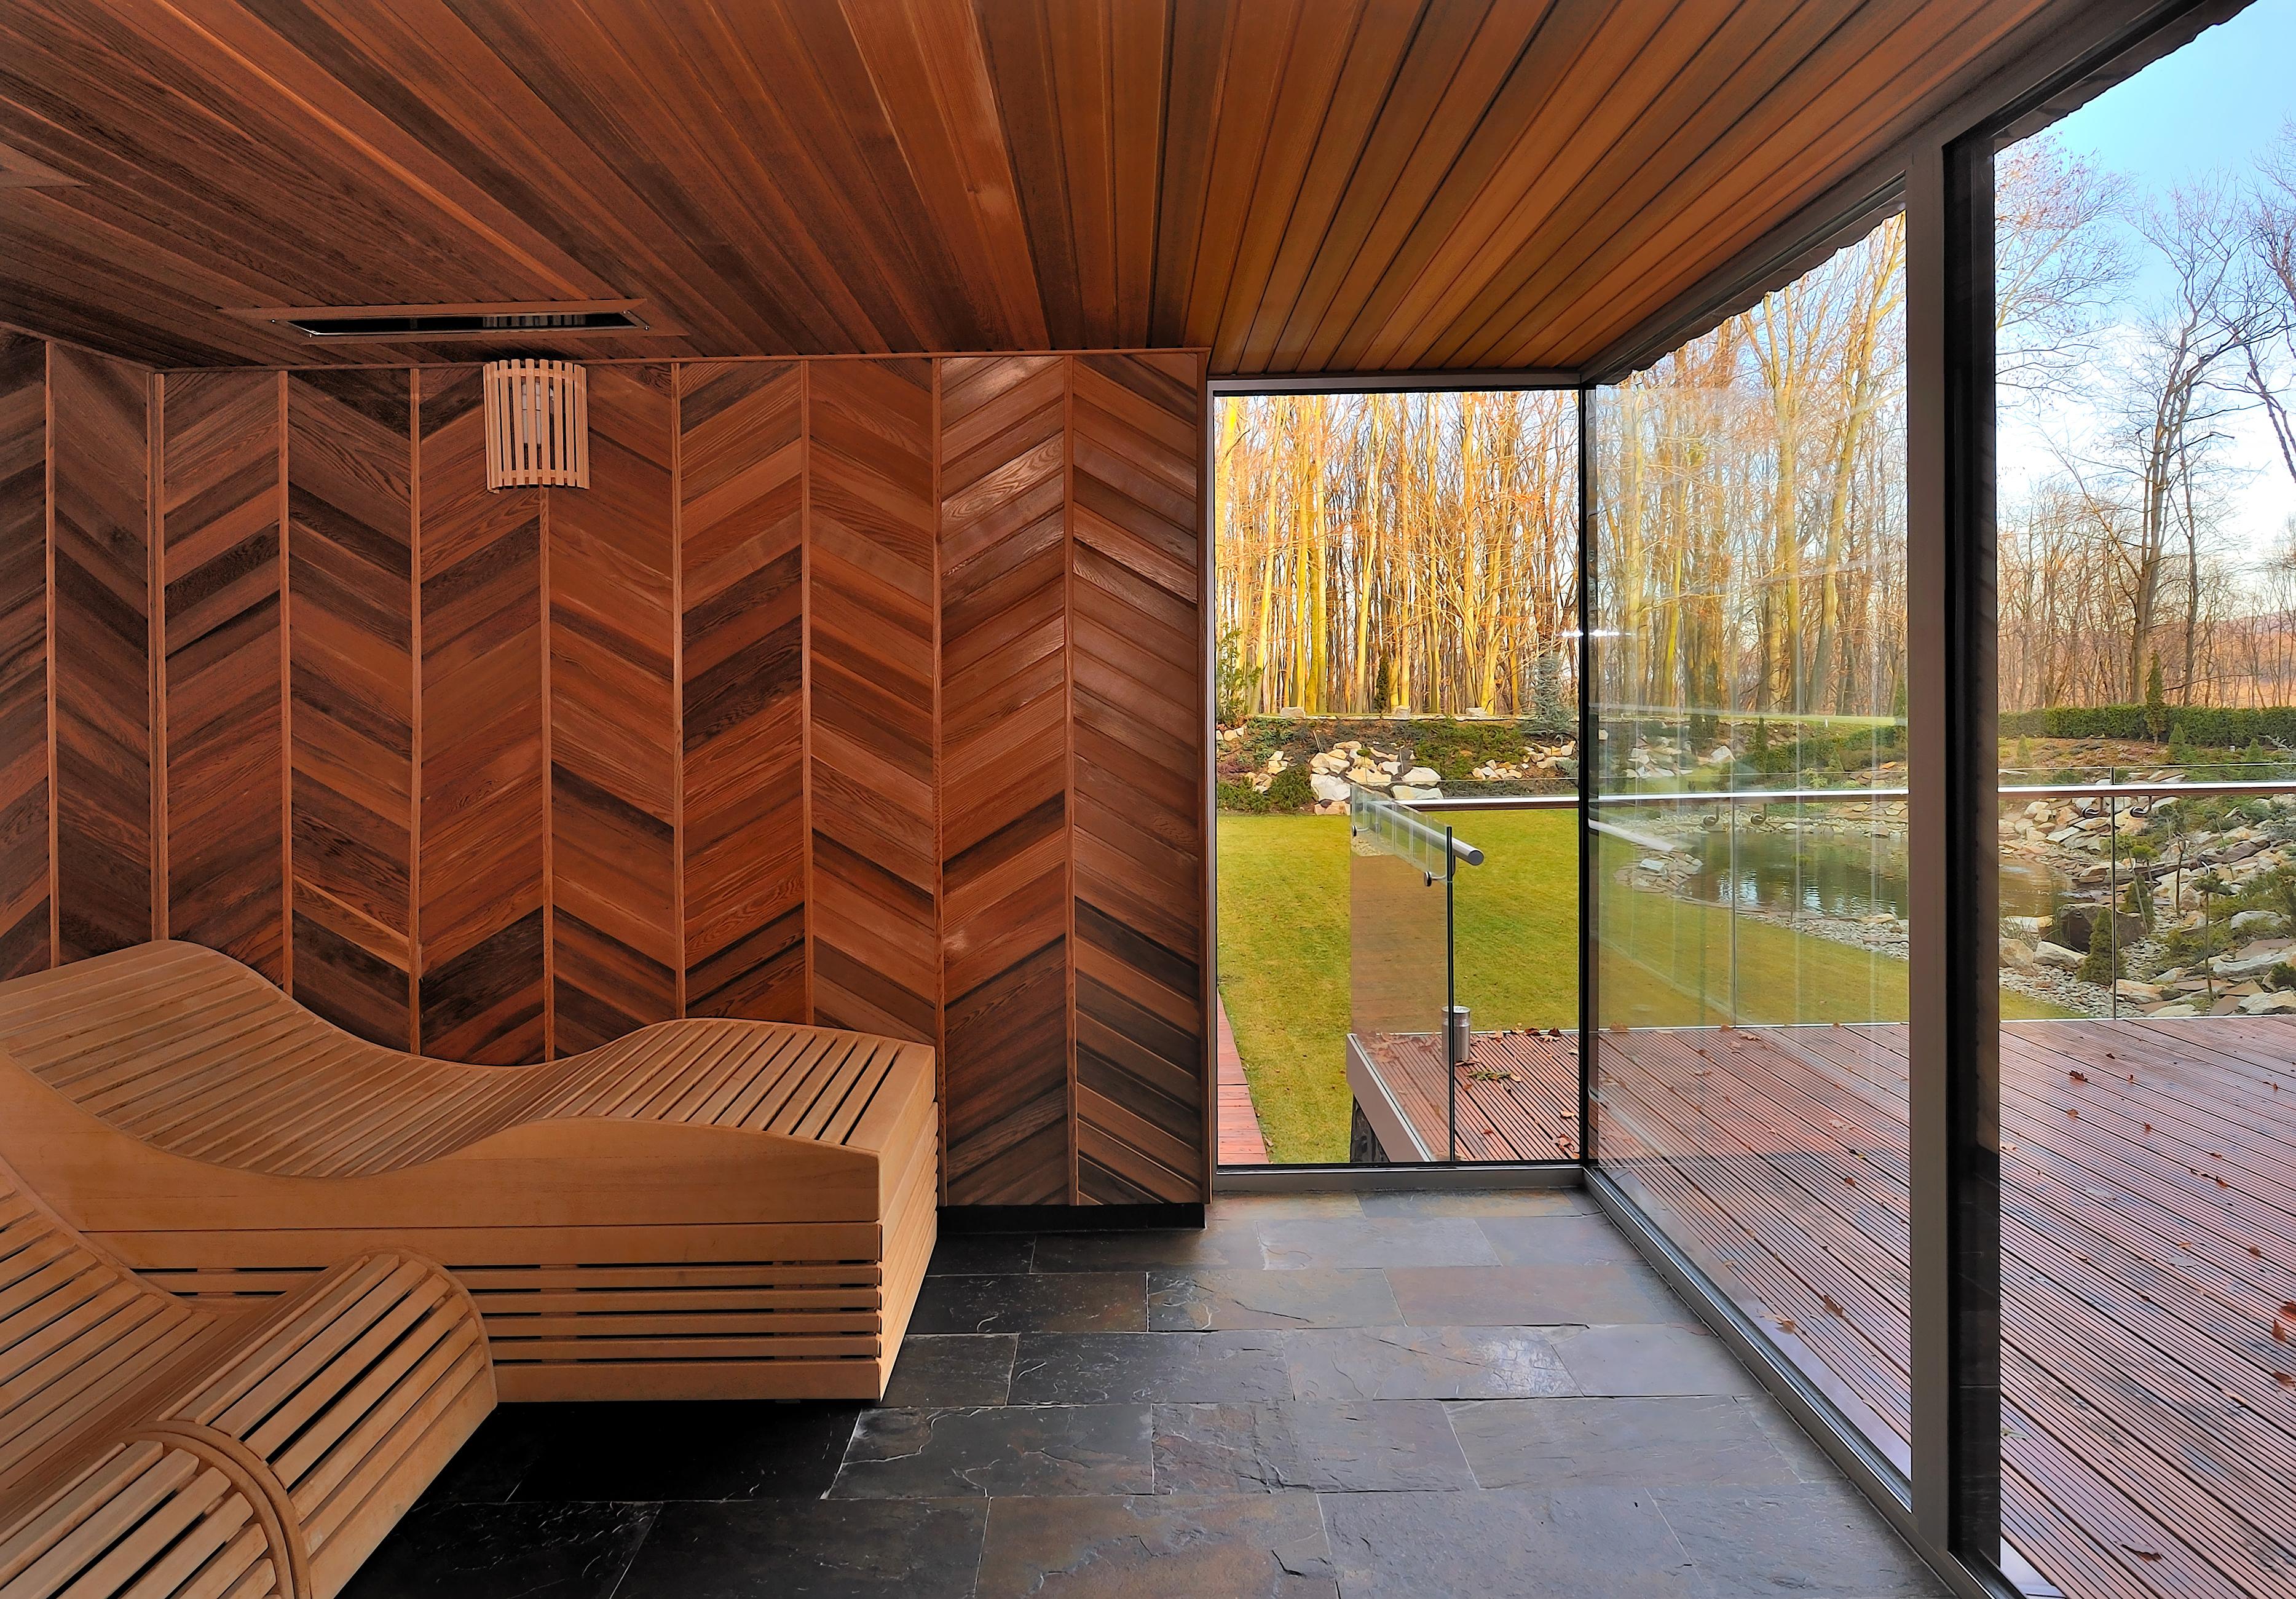 Hotel Zochova Chata - wellness - infra sauna